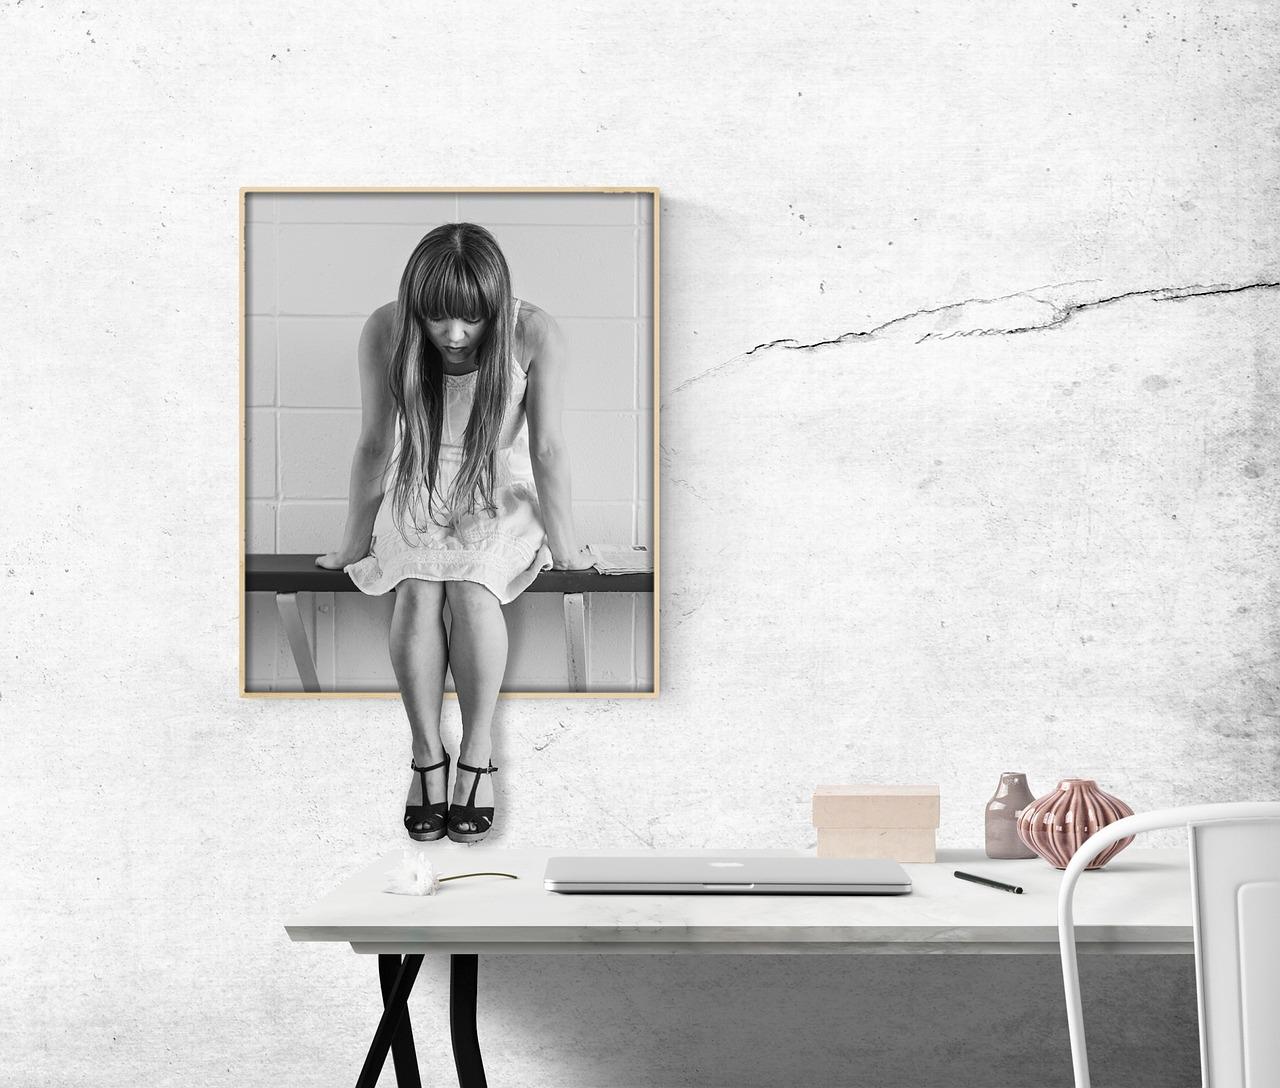 浮気相手の女に対する怒り(離婚後の独り言)